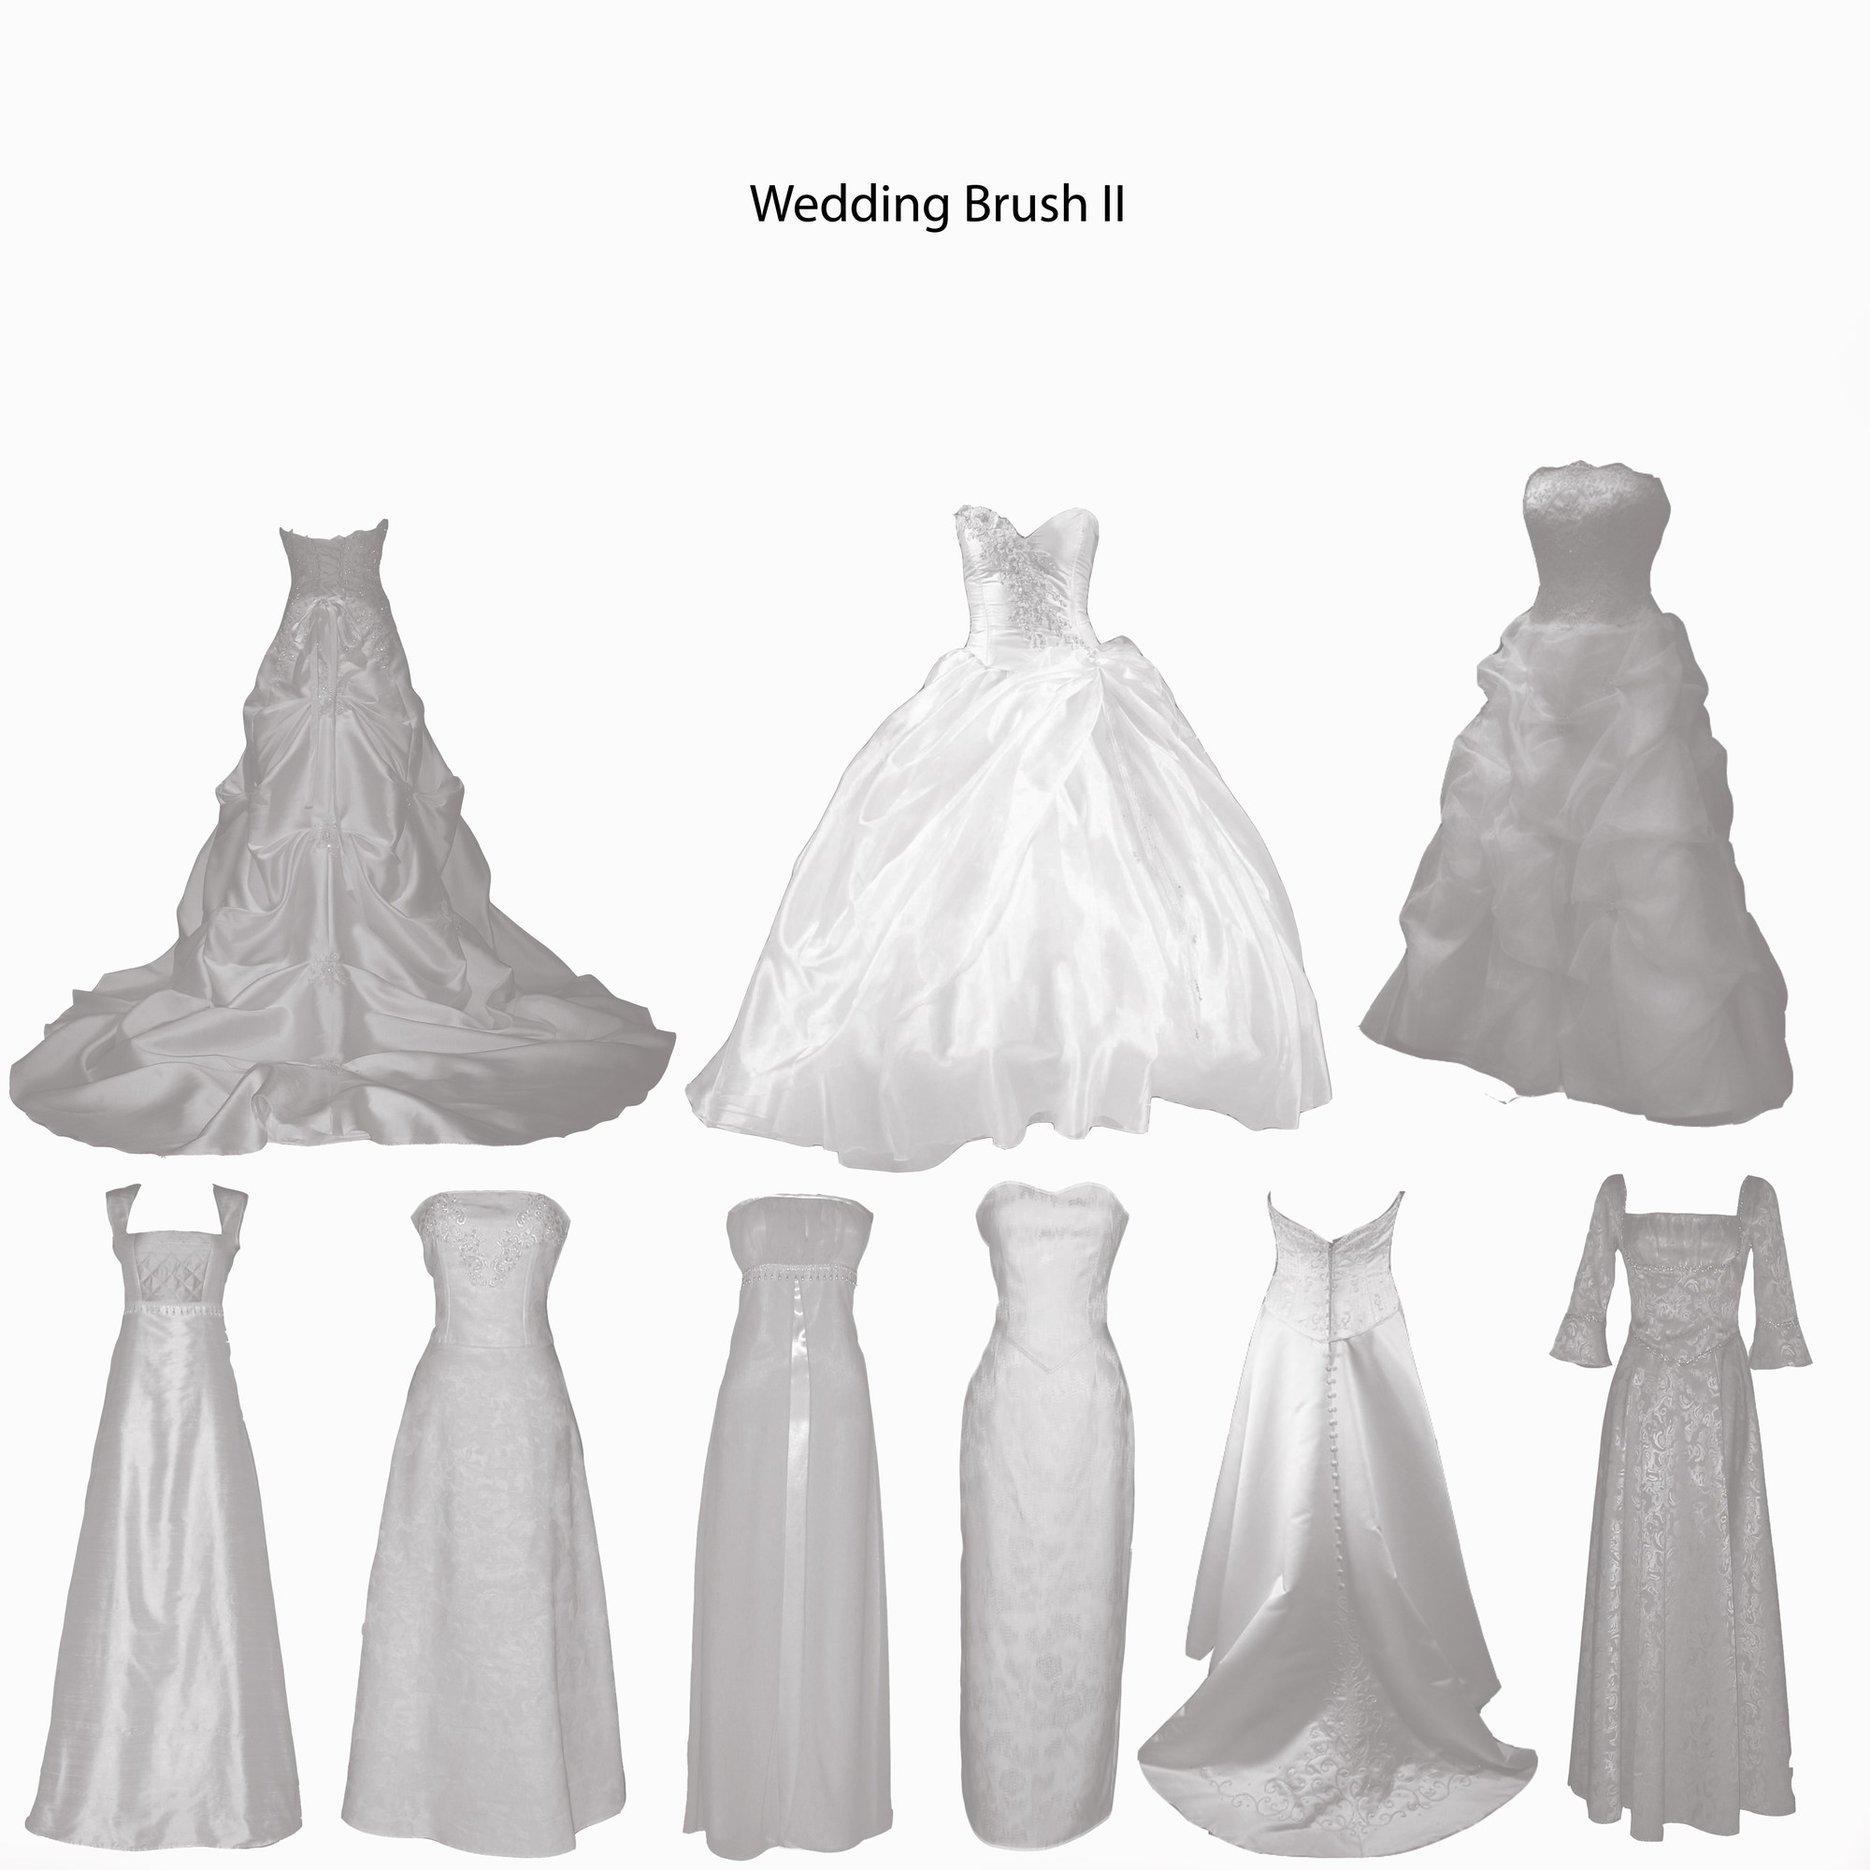 婚纱、伴娘服、礼裙、晚礼服等PS结婚笔刷素材